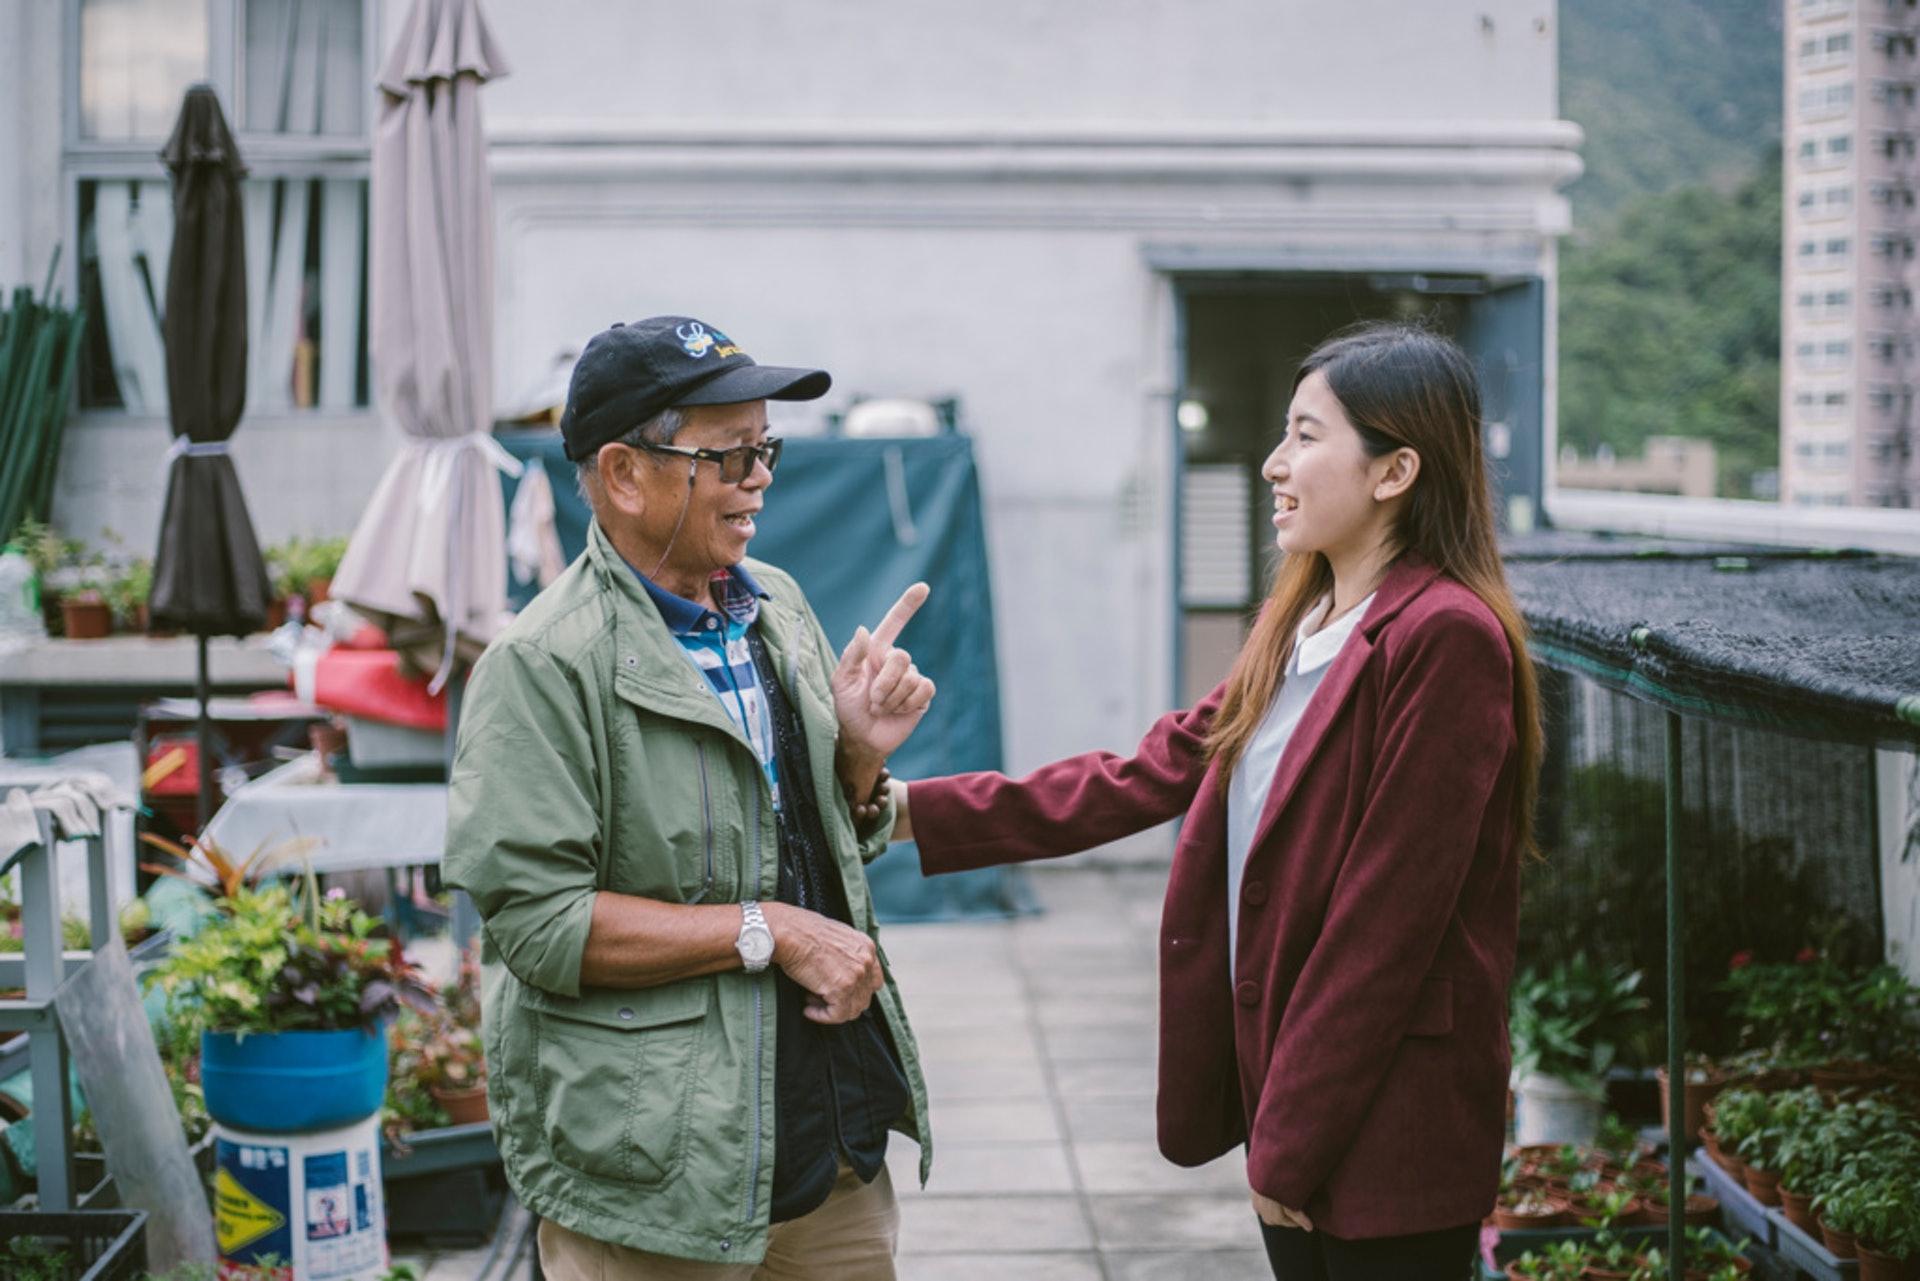 「新耆士實驗室」創辦人黃凱昕希望透過把長者的技藝再包裝及推廣,讓他們可以在退休後發展新的工作寄託。(鄭子峰攝)